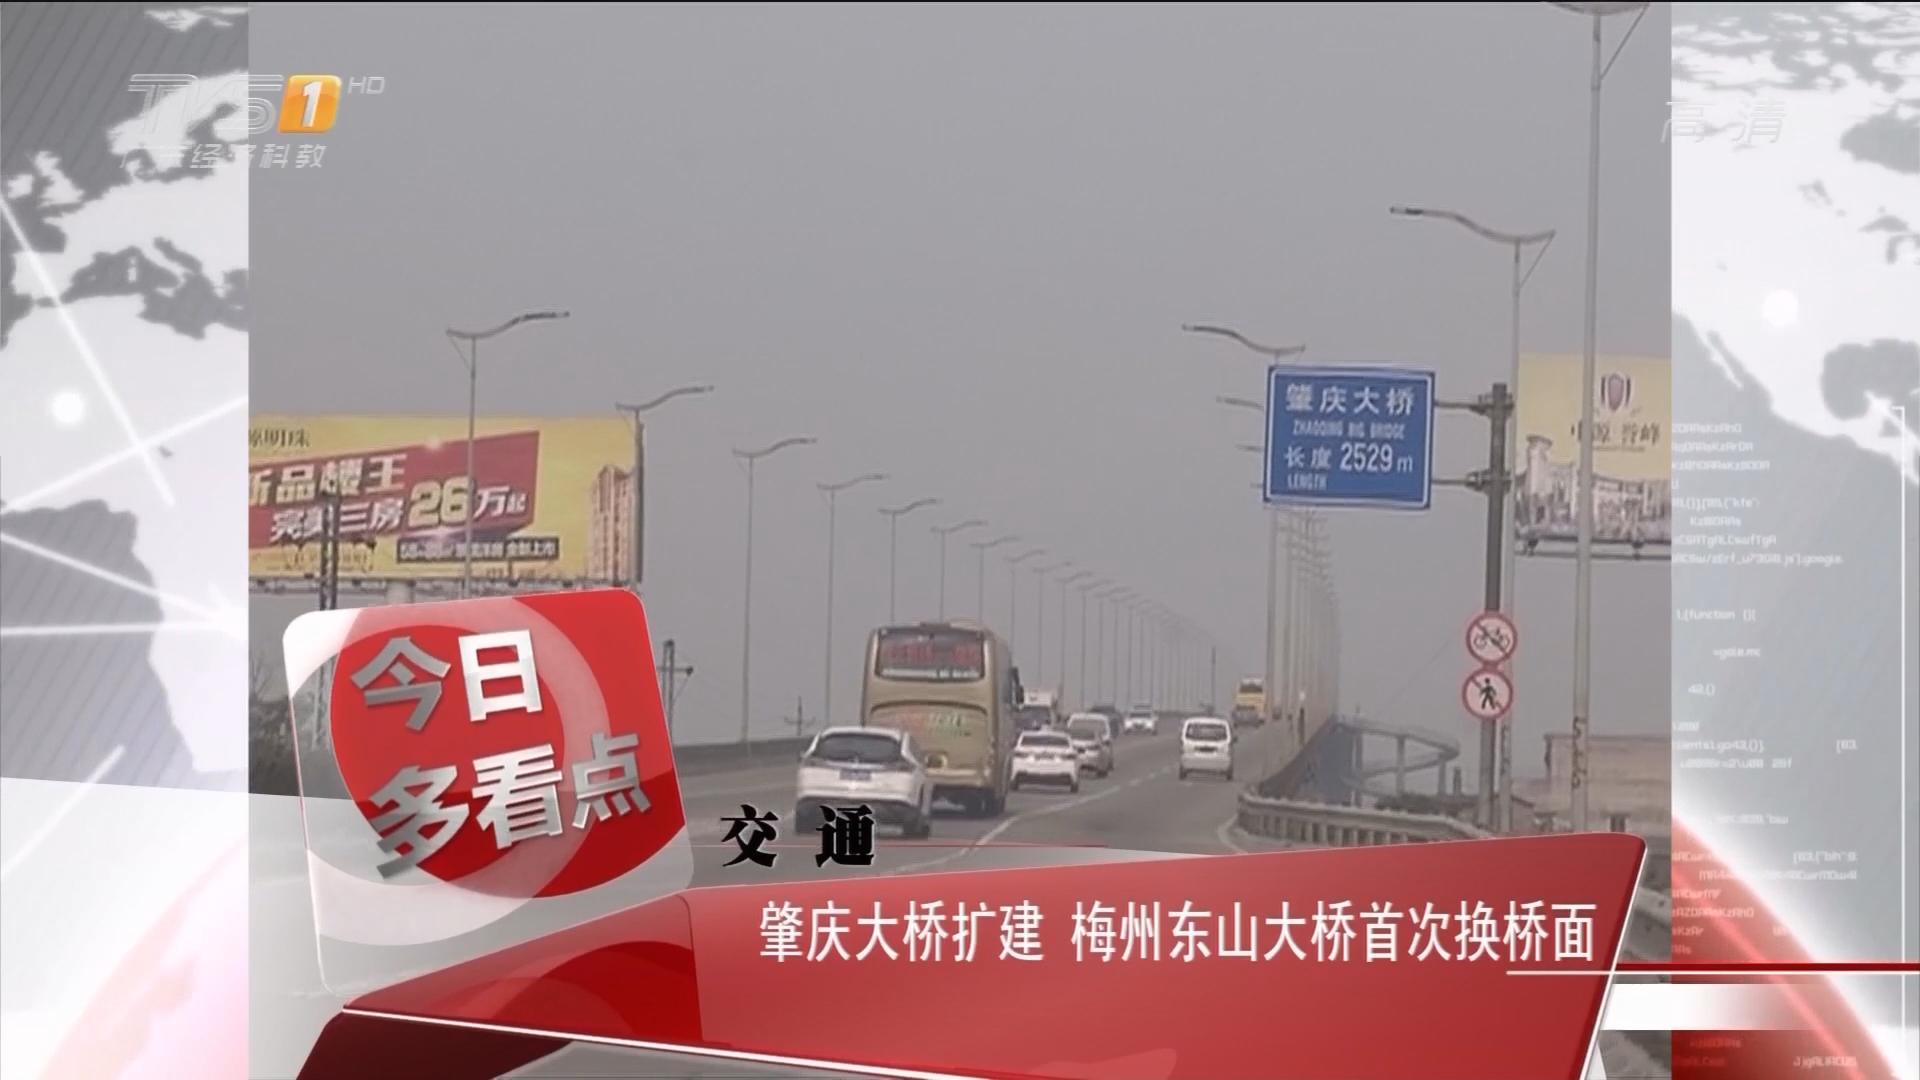 交通:肇庆大桥扩建 梅州东山大桥首次换桥面